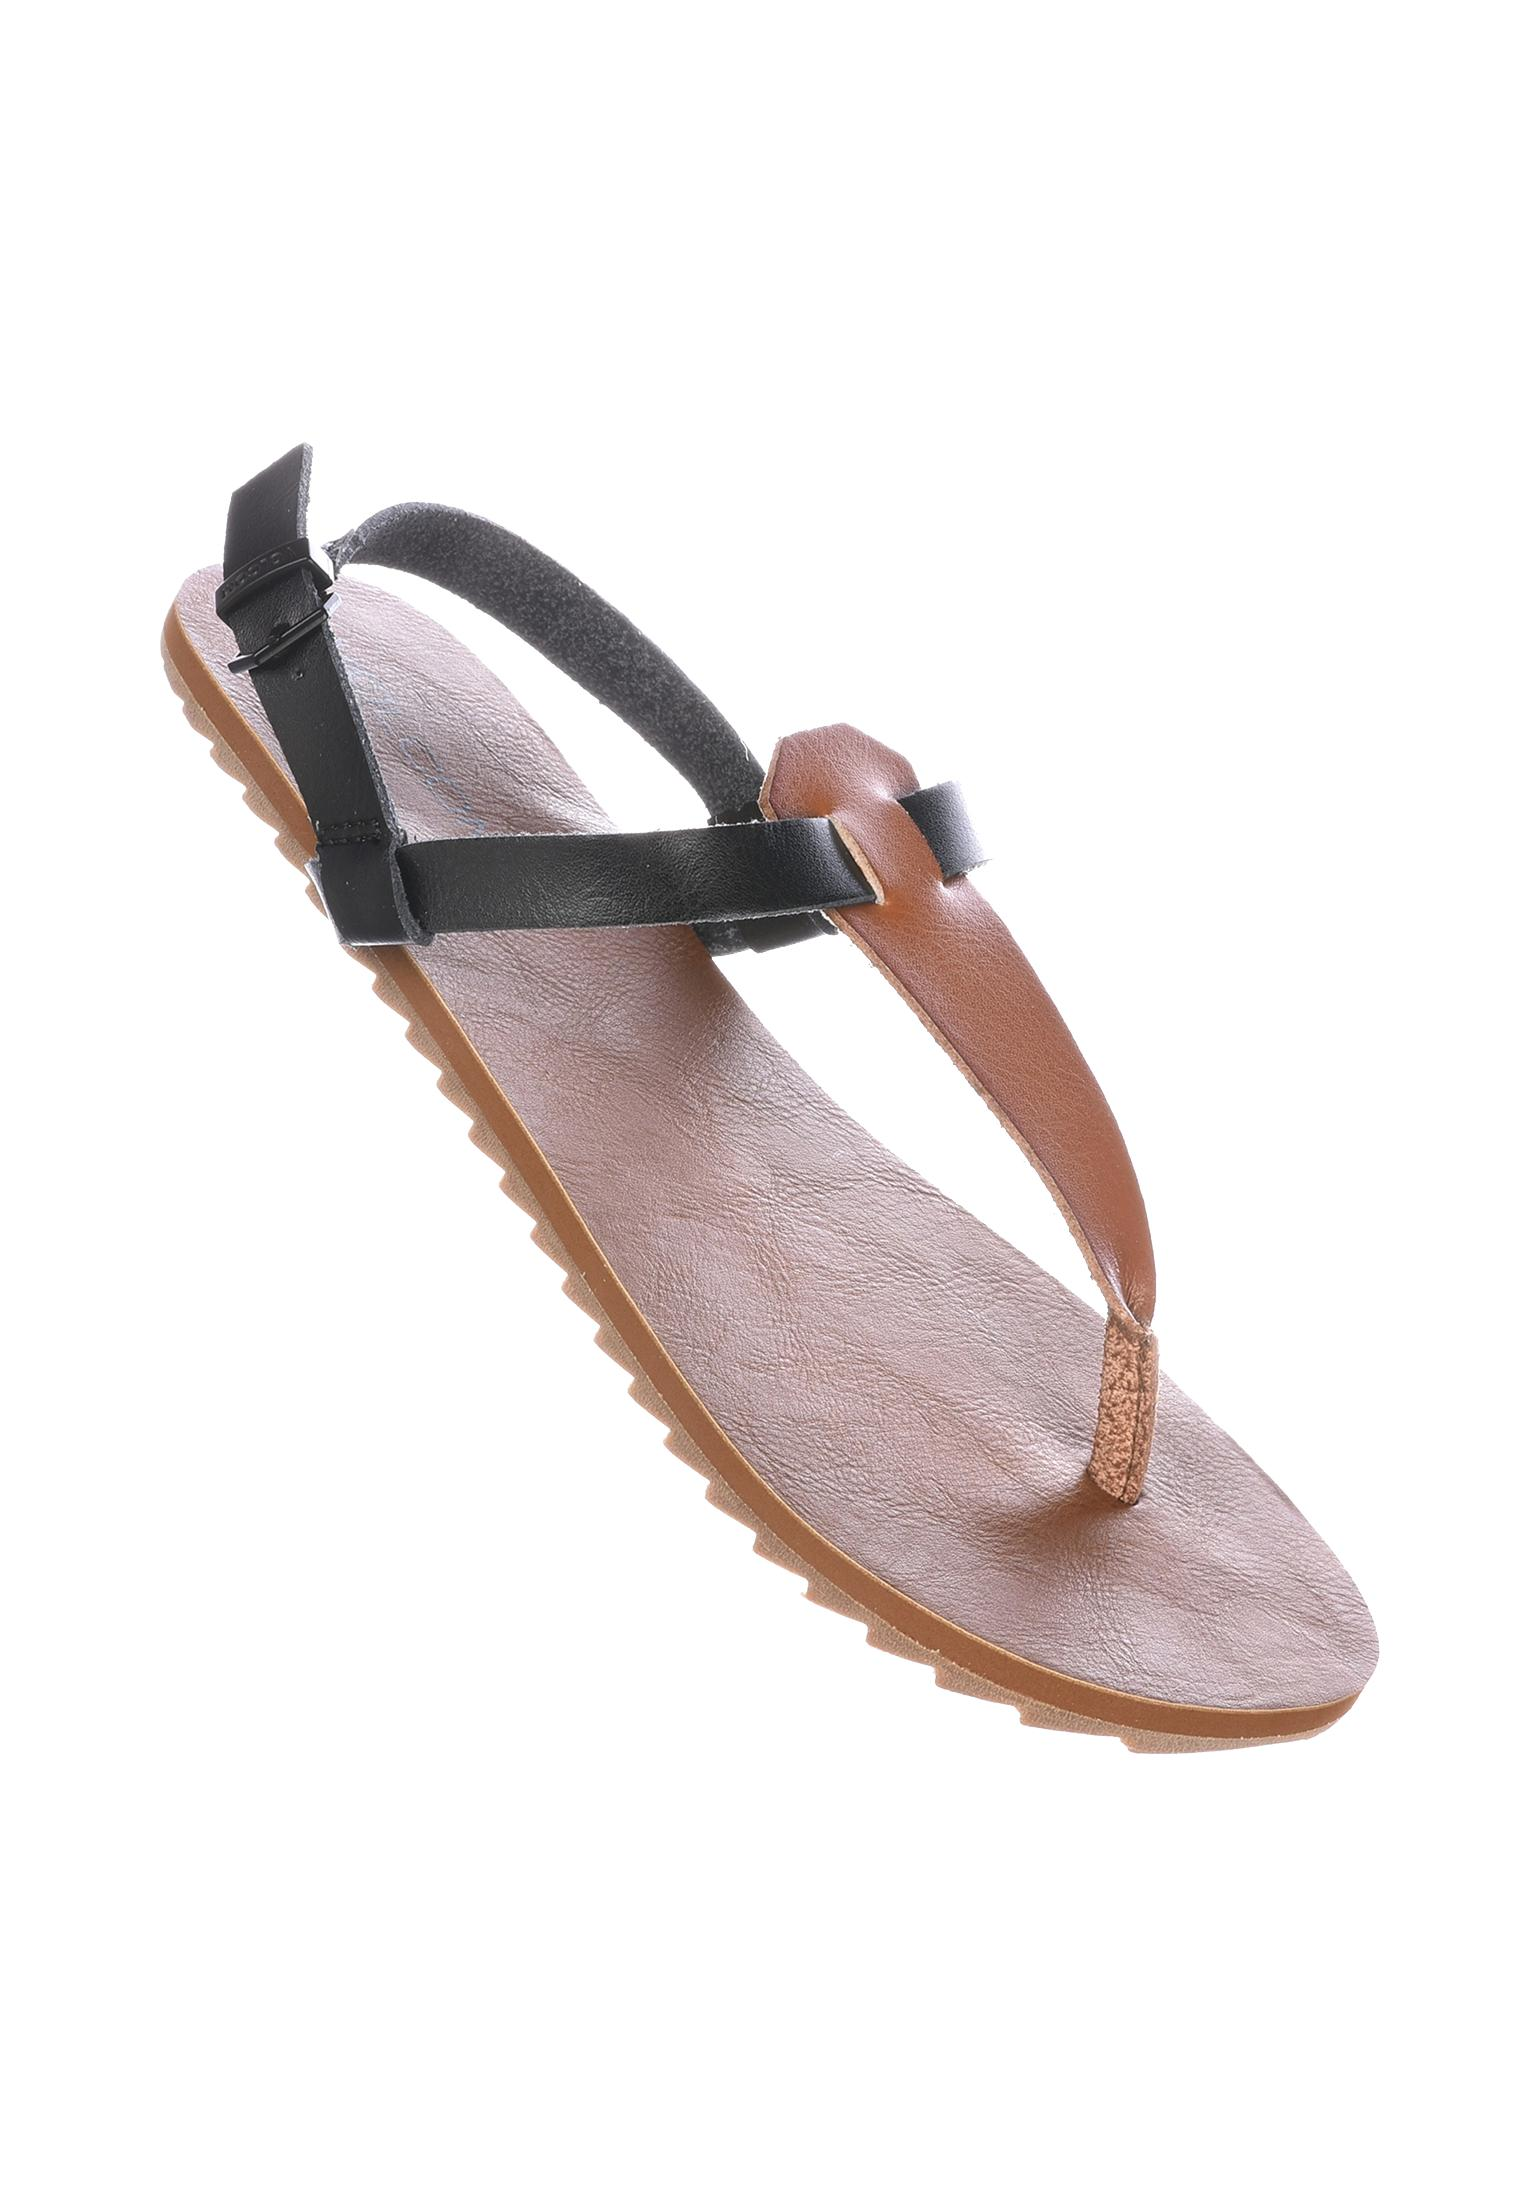 1a20c7000 Maya Volcom Sandals in cognac for Women